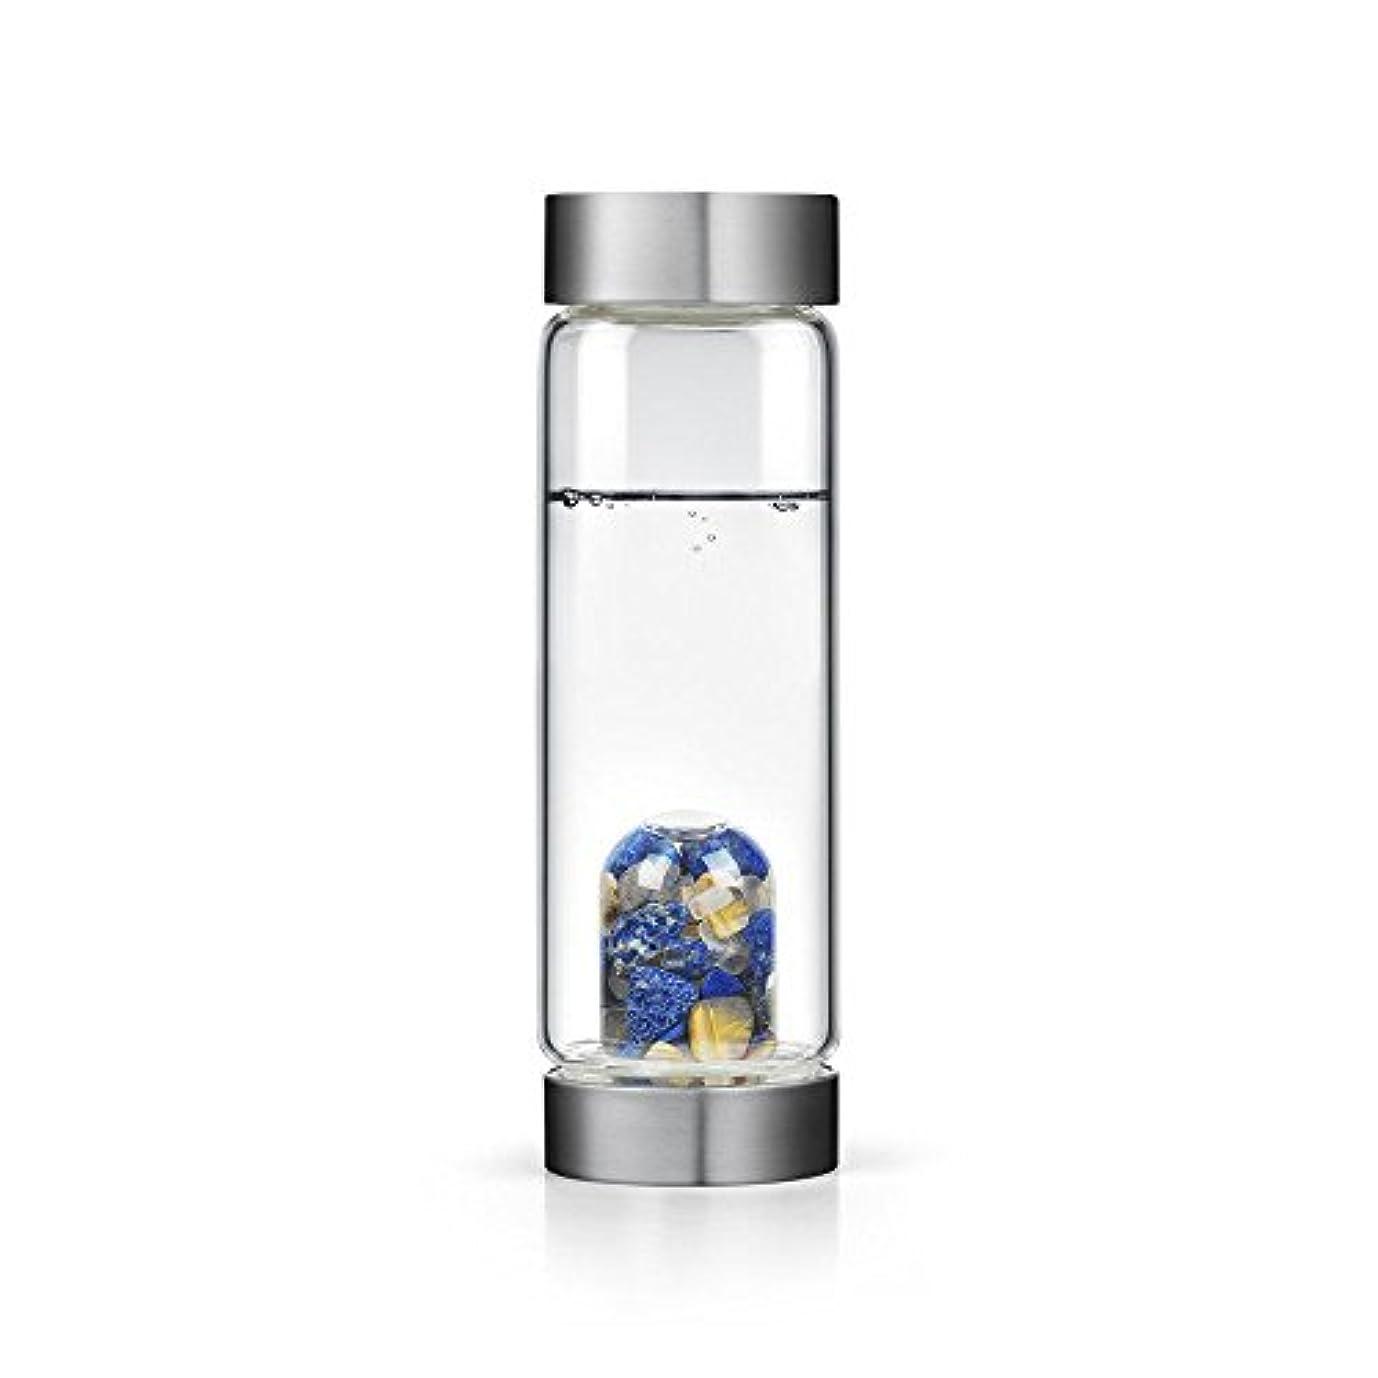 ミサイルモジュール秋インスピレーションgem-waterボトルby VitaJuwel W / Freeカリフォルニアホワイトセージバンドル 16.9 fl oz